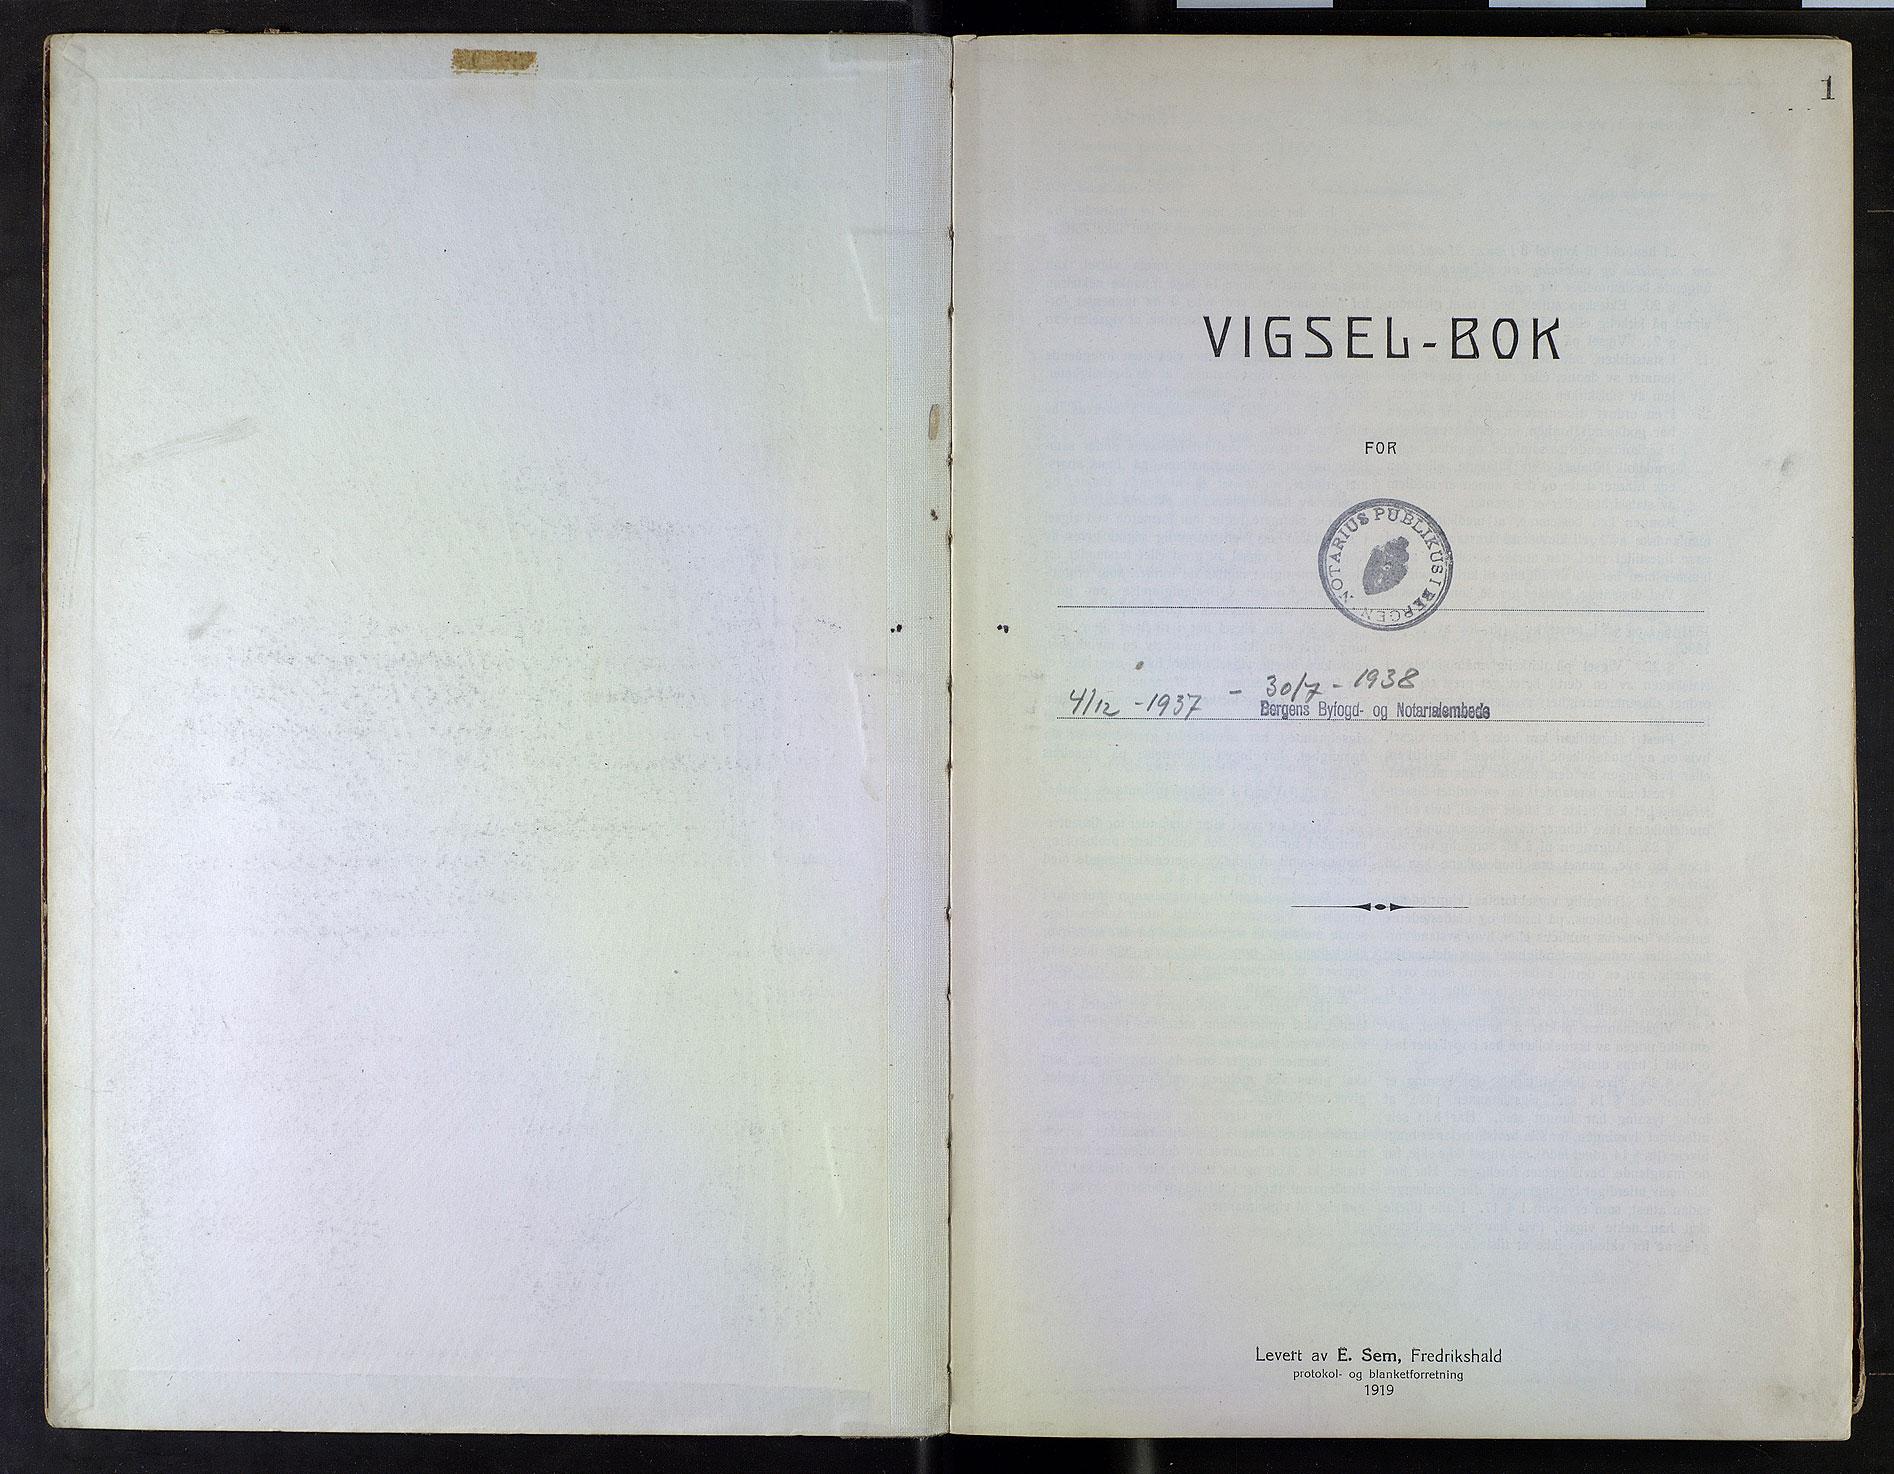 SAB, Bergen byfogd og byskriver*, 1937-1938, s. 1a